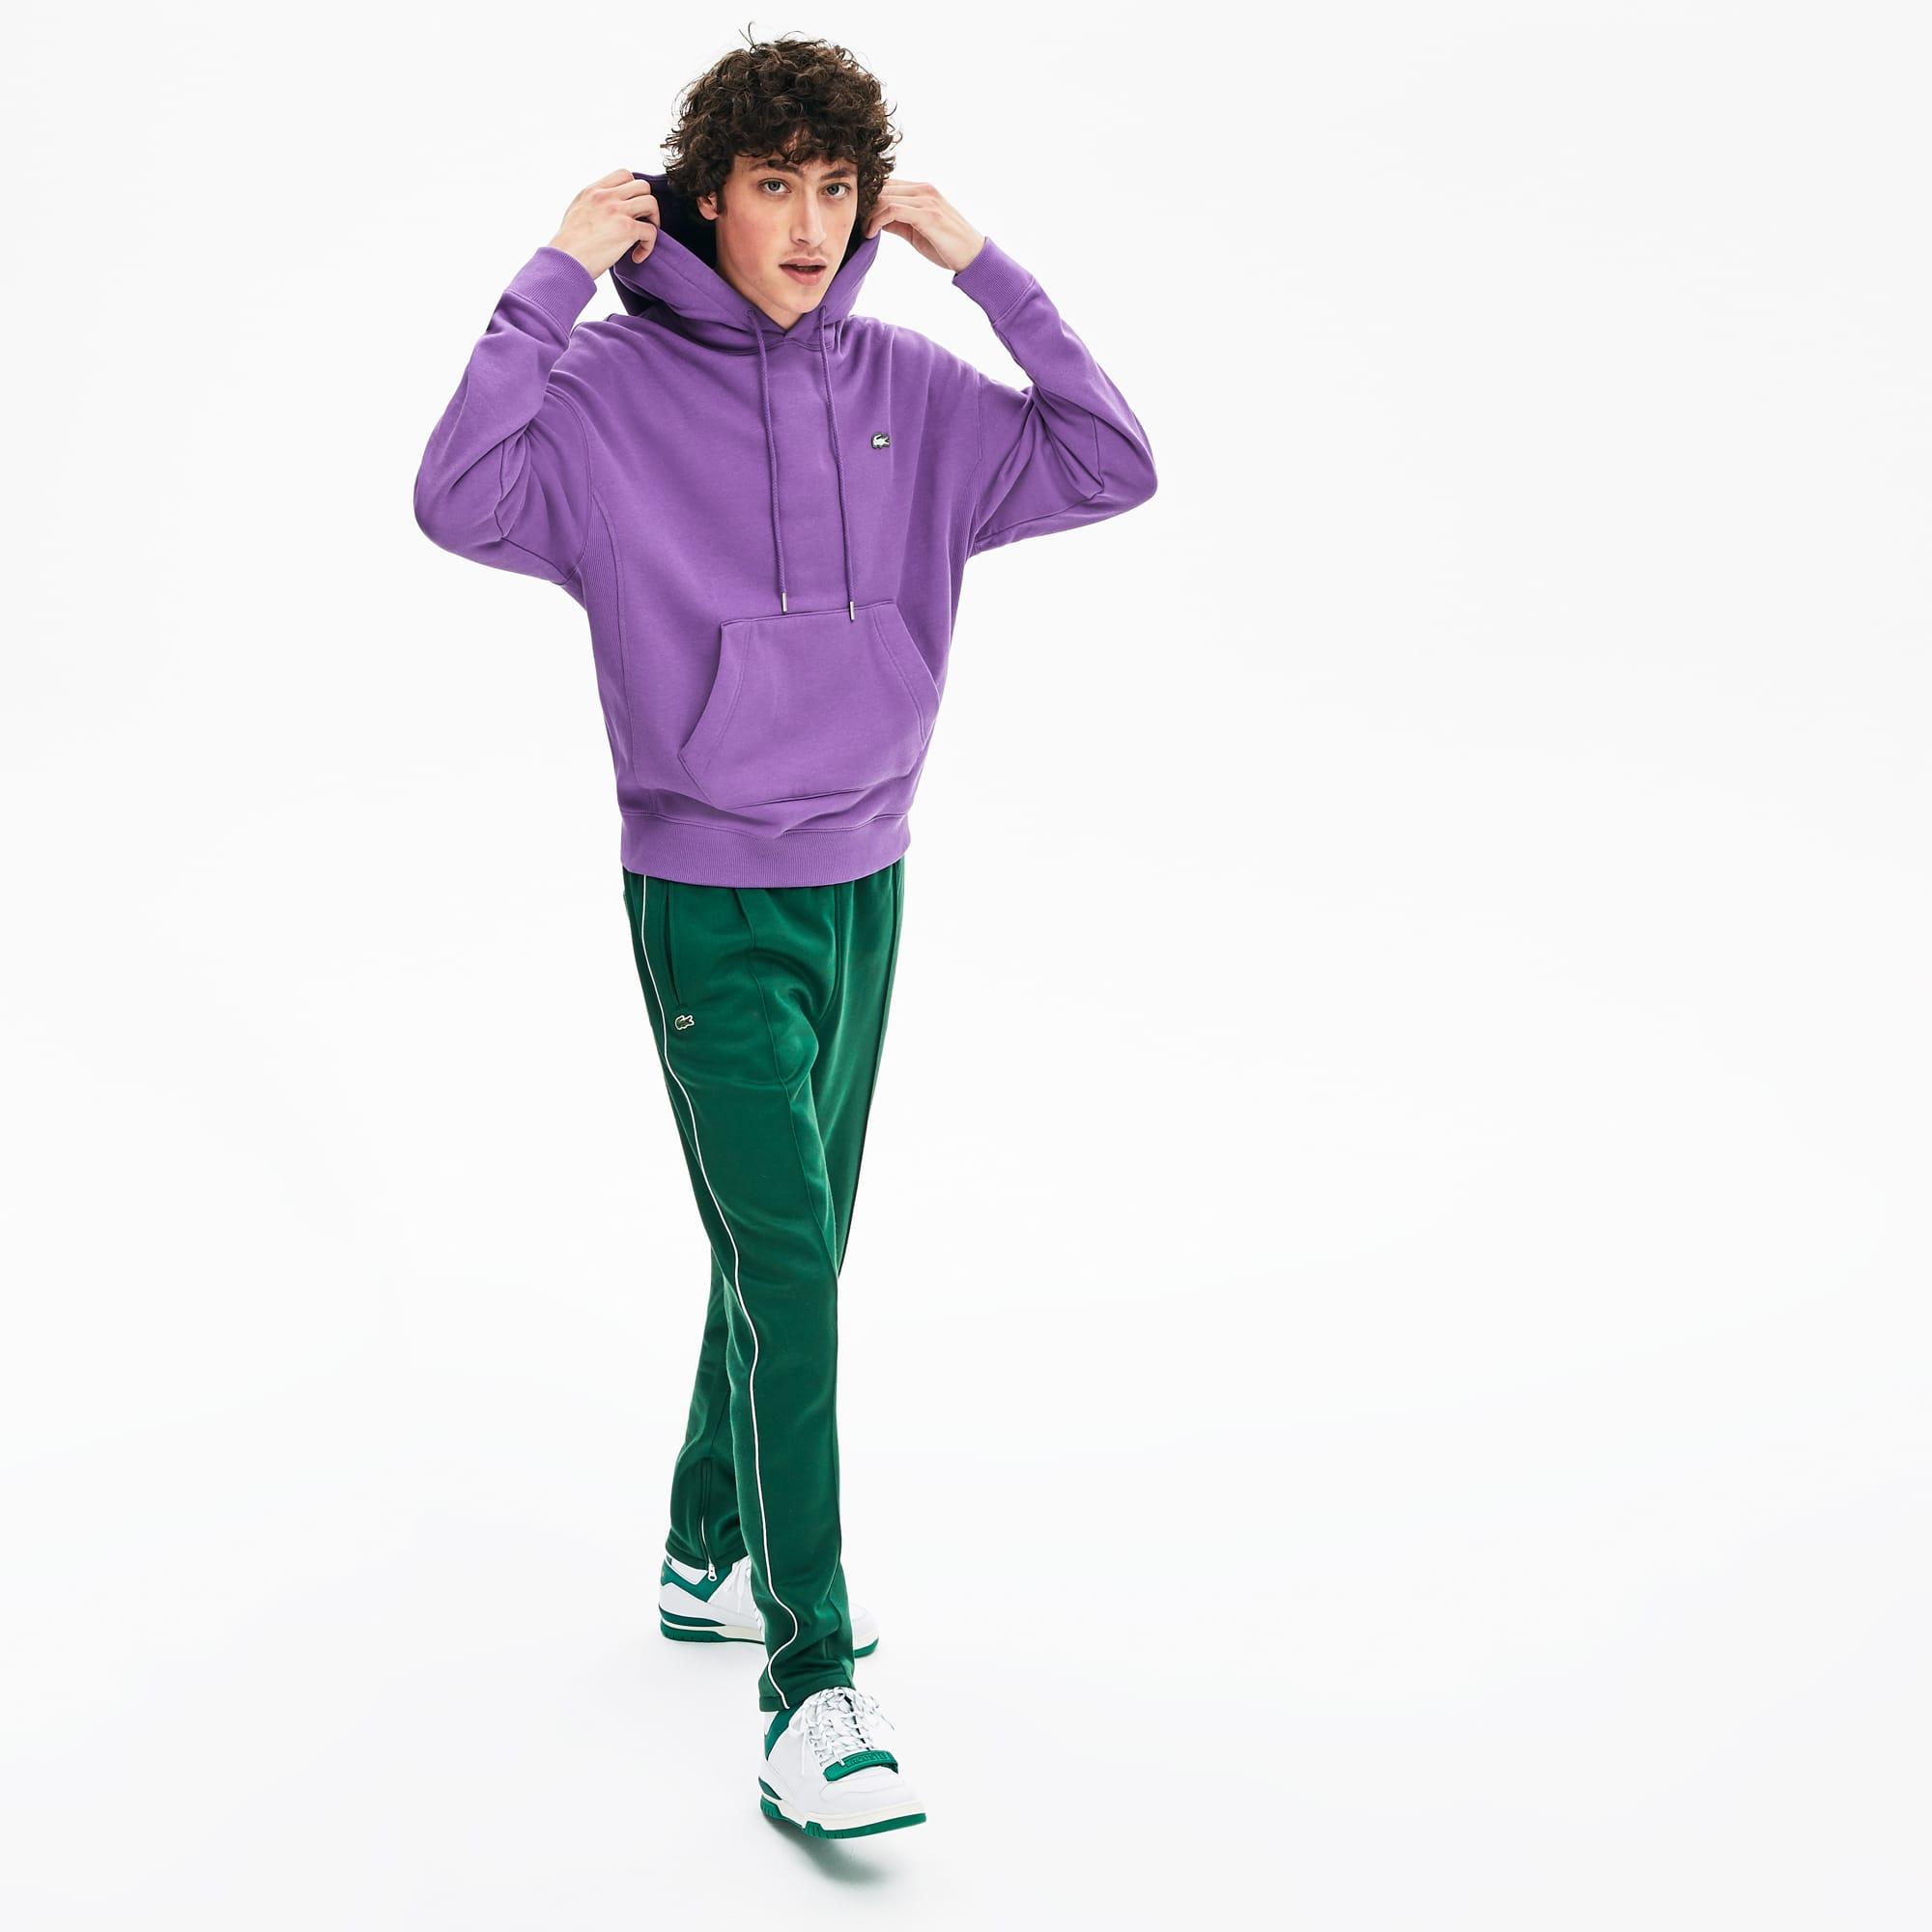 ecd2742284456 + 1 couleur. Nouveauté. Sweatshirt unisexe à capuche Lacoste LIVE avec  poche kangourou. 120 ...